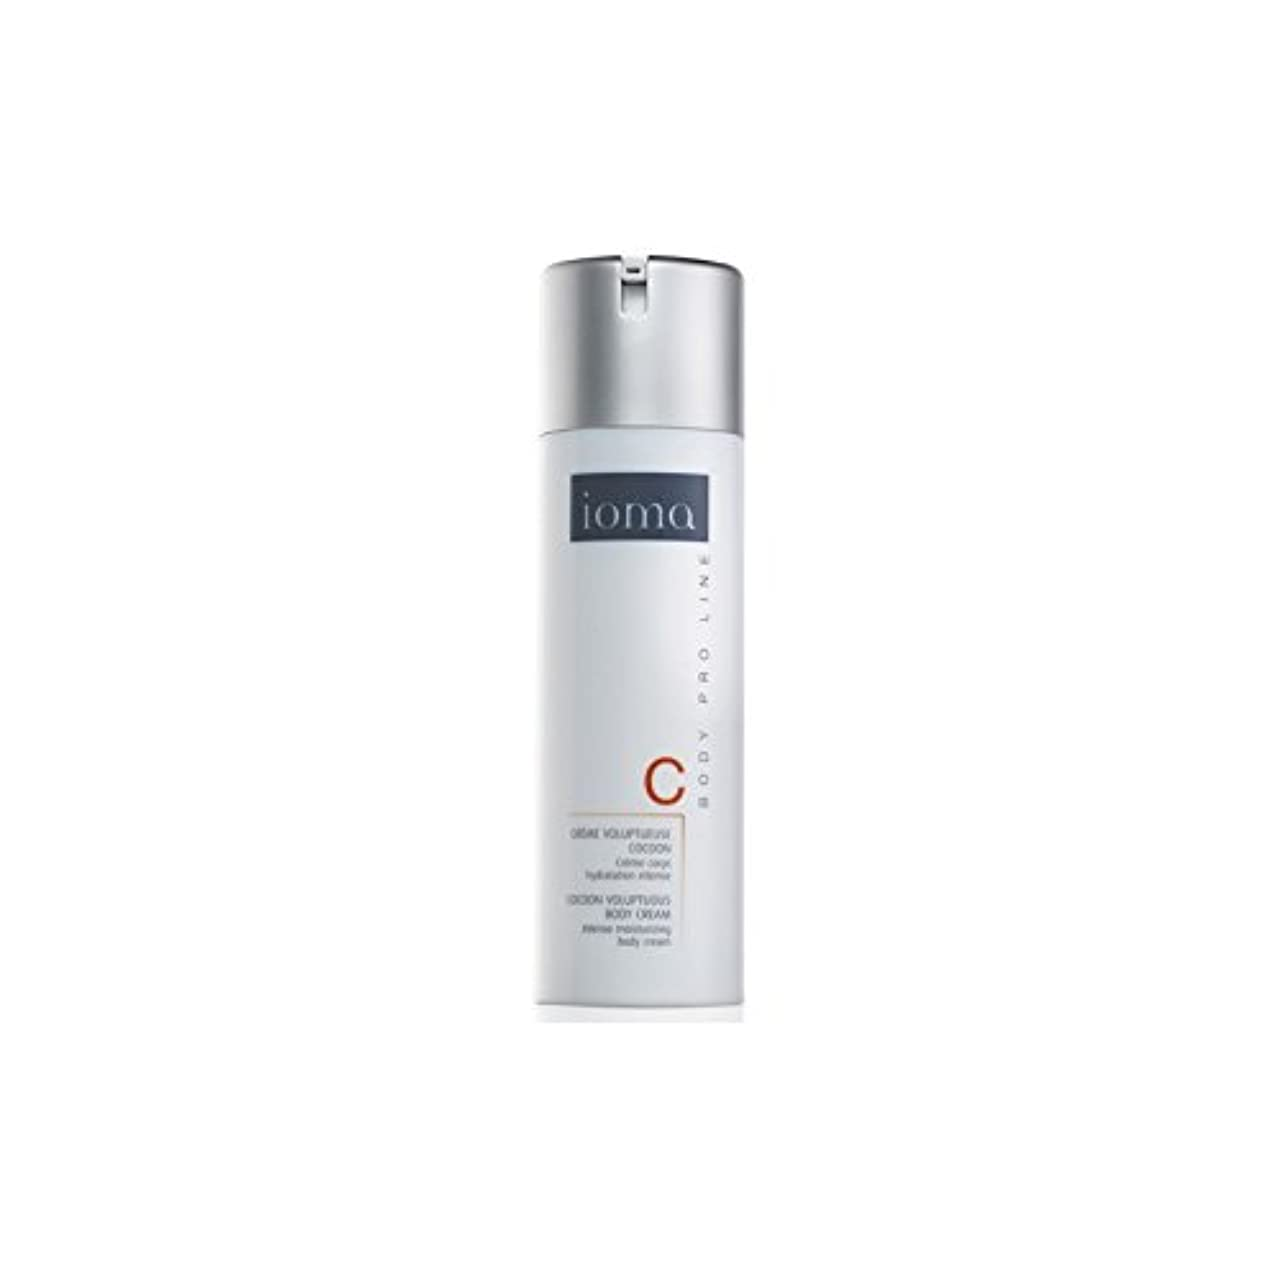 フレット特徴鎮静剤Ioma Cocoon Voluptuous Body Cream 150ml (Pack of 6) - 繭豊満なボディクリーム150ミリリットル x6 [並行輸入品]